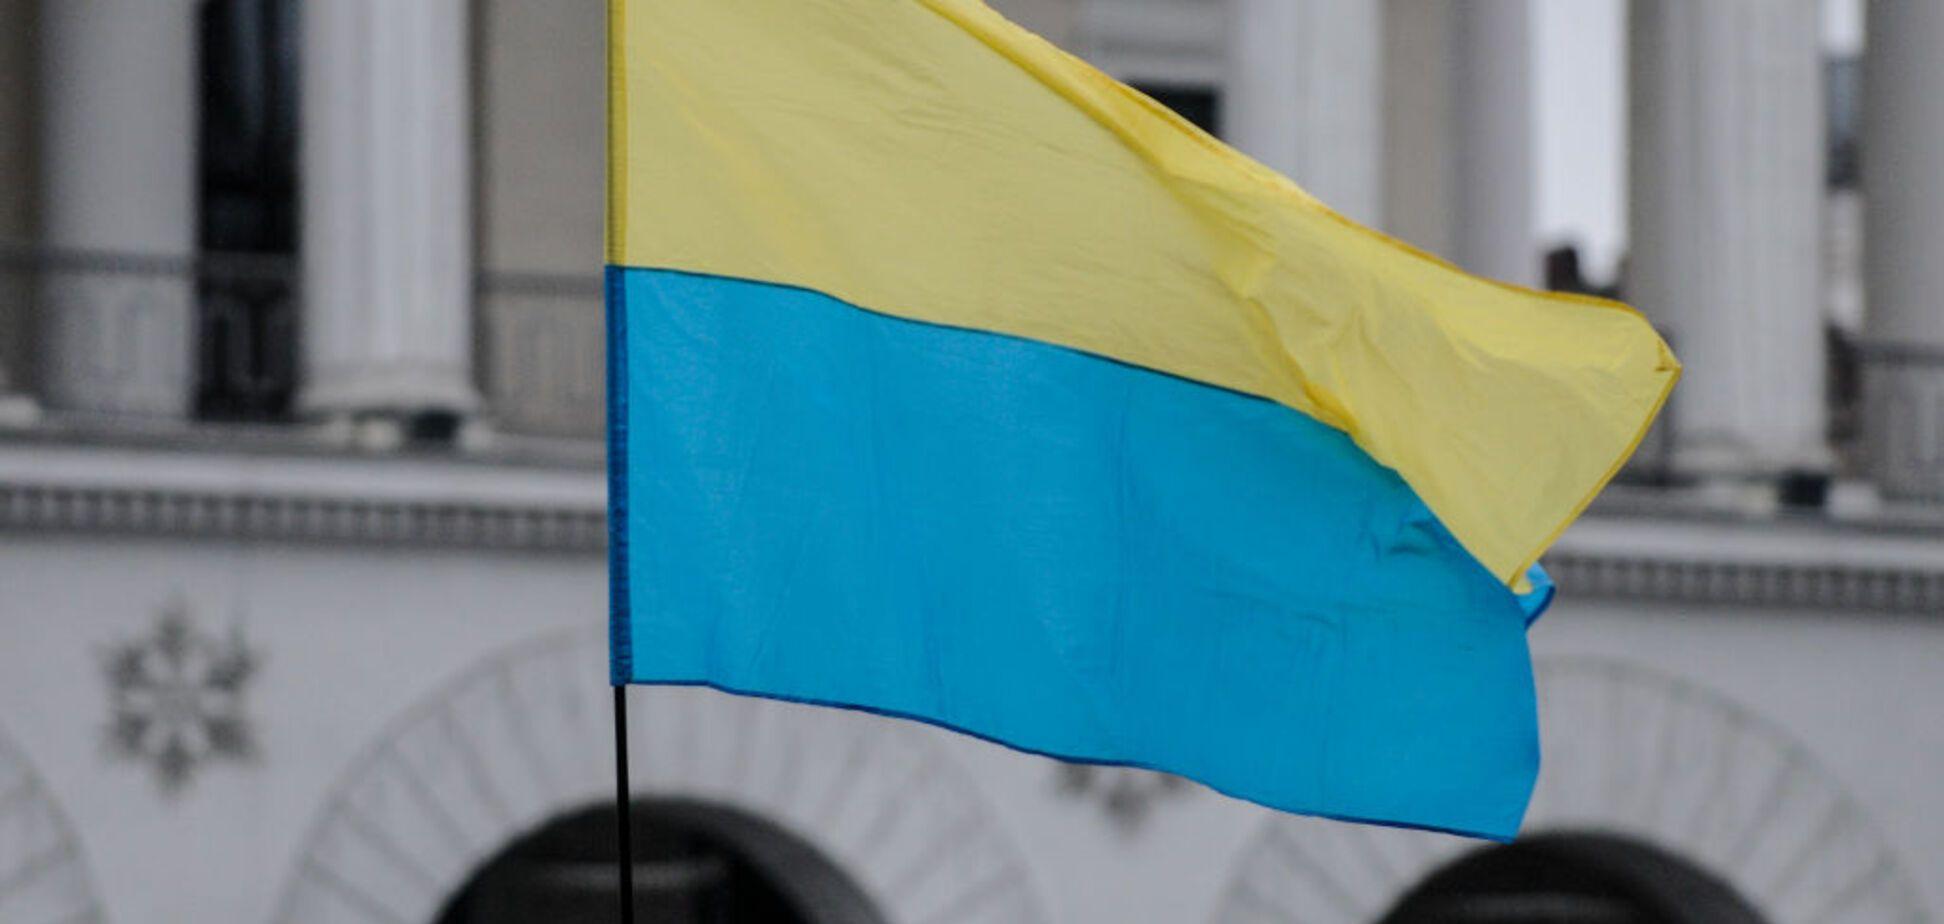 'Не важливо просто добре жити': названа головна перемога України в 2017 році